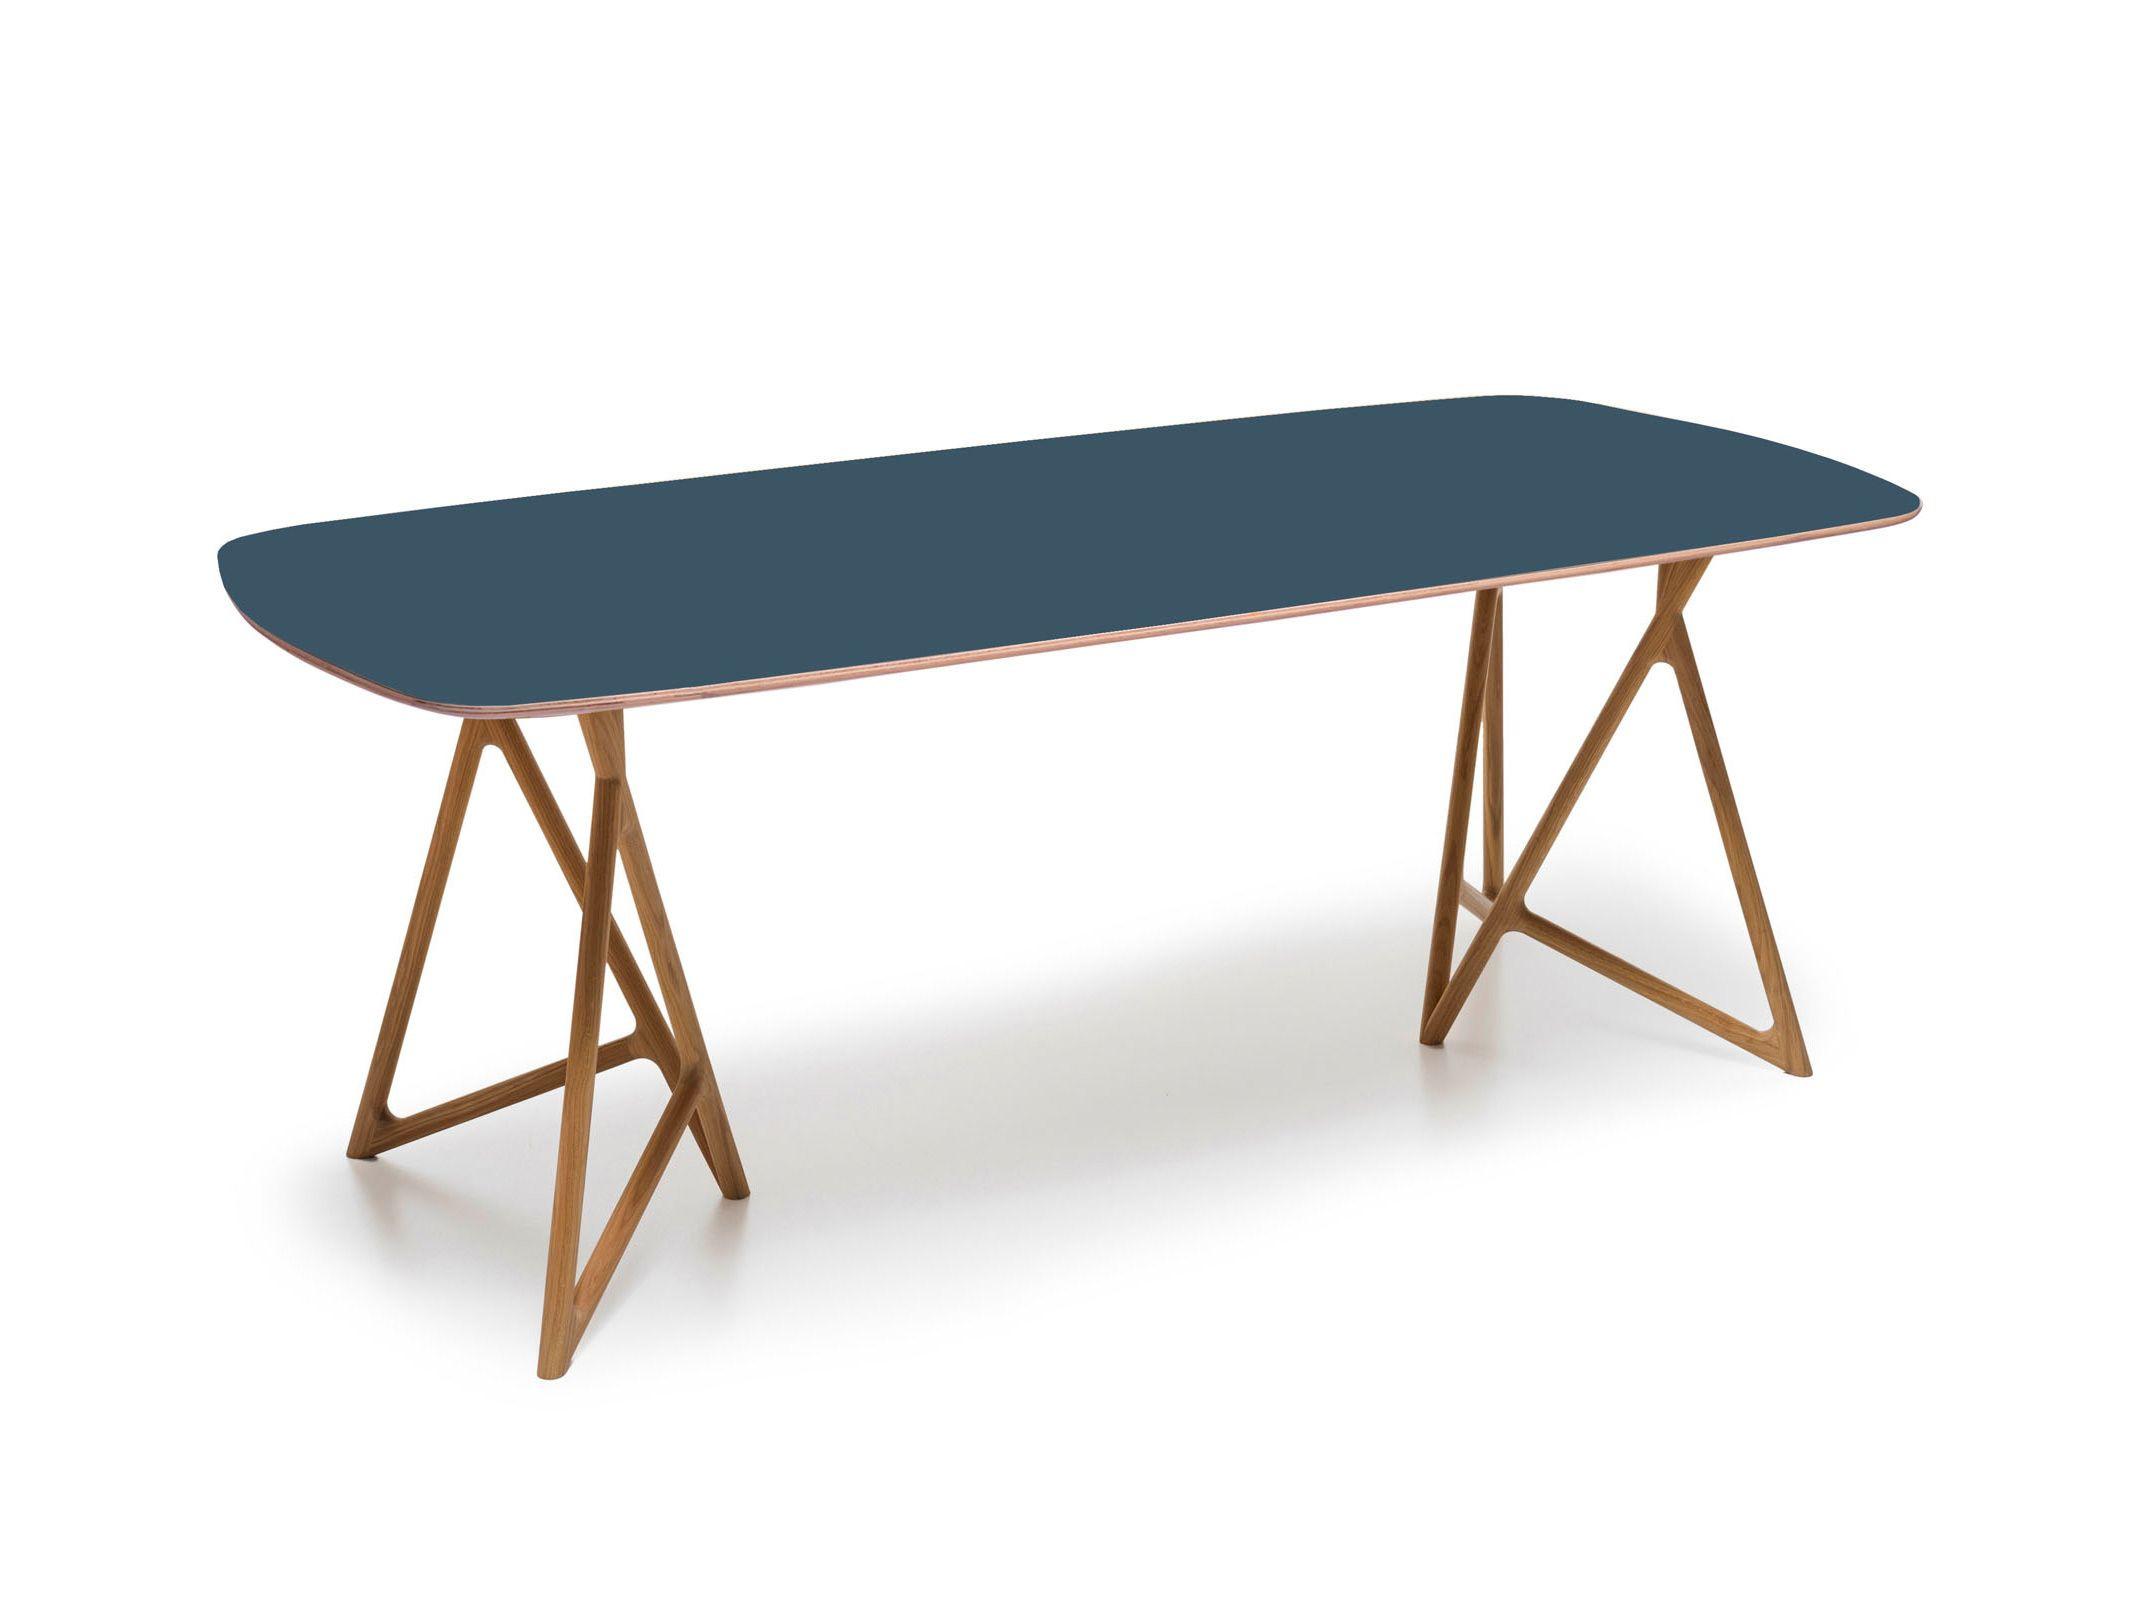 gartentisch eisen 11 stuhl und tisch aus eisen genial of gartentisch eisen 1